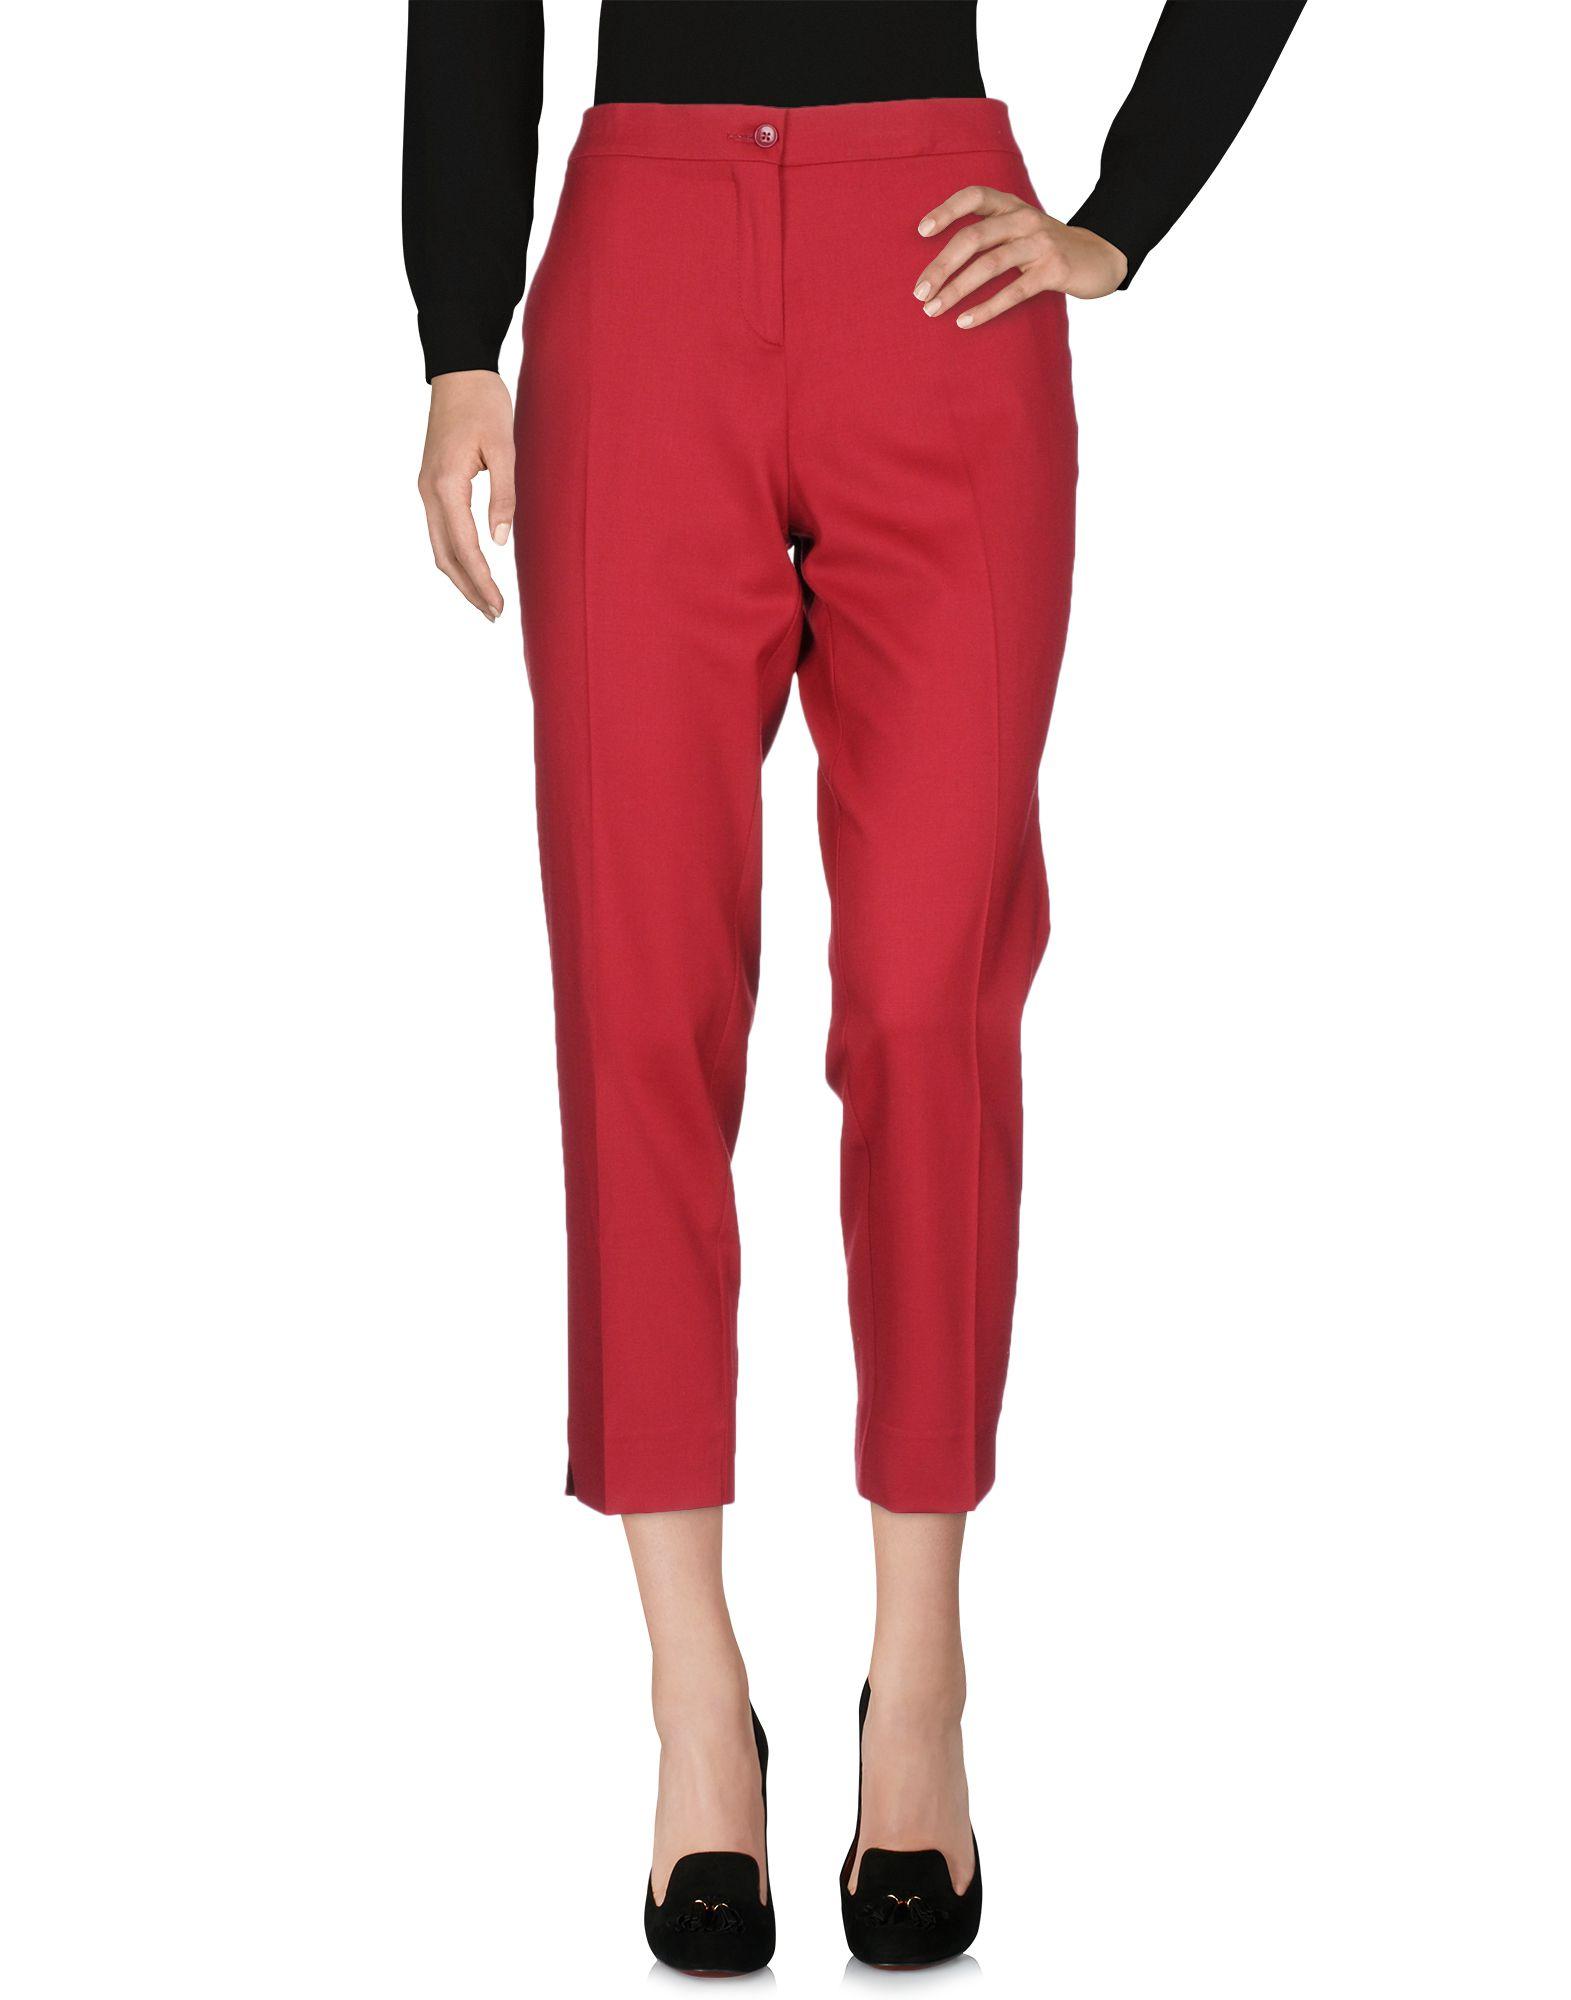 Pantalone Etro Donna - Acquista online su UYE5X